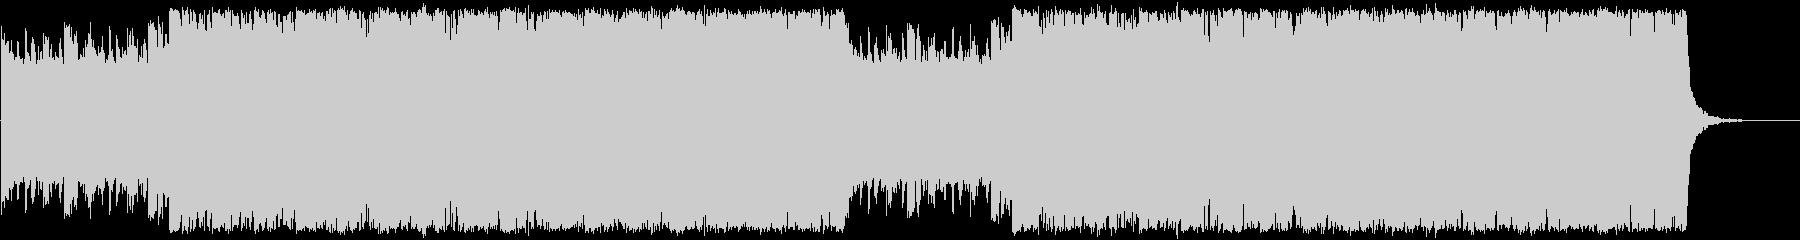 エピック/テクスチャー/トレーラーの未再生の波形